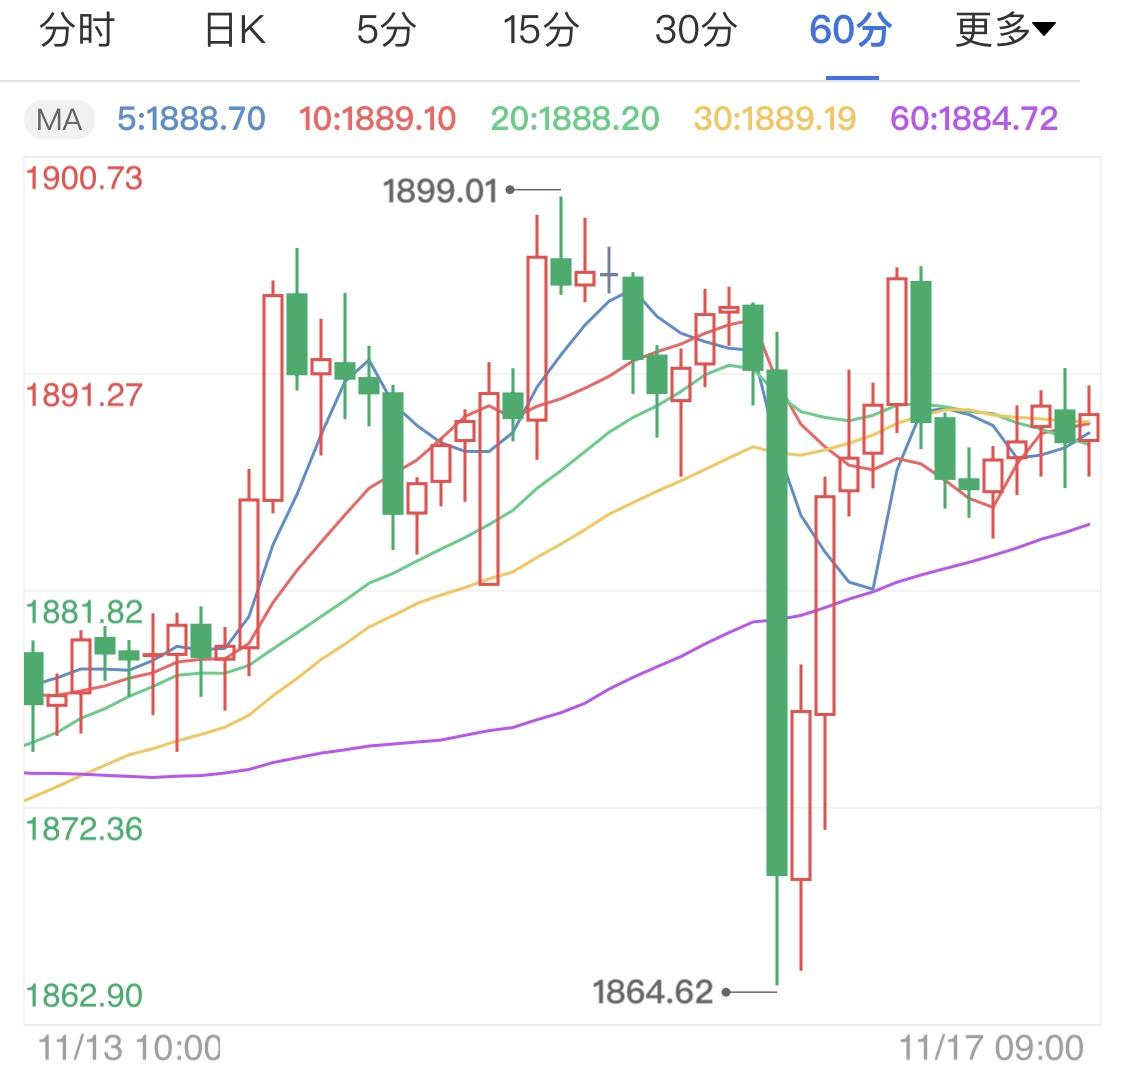 利好消息重挫黄金 金价日线持续看跌